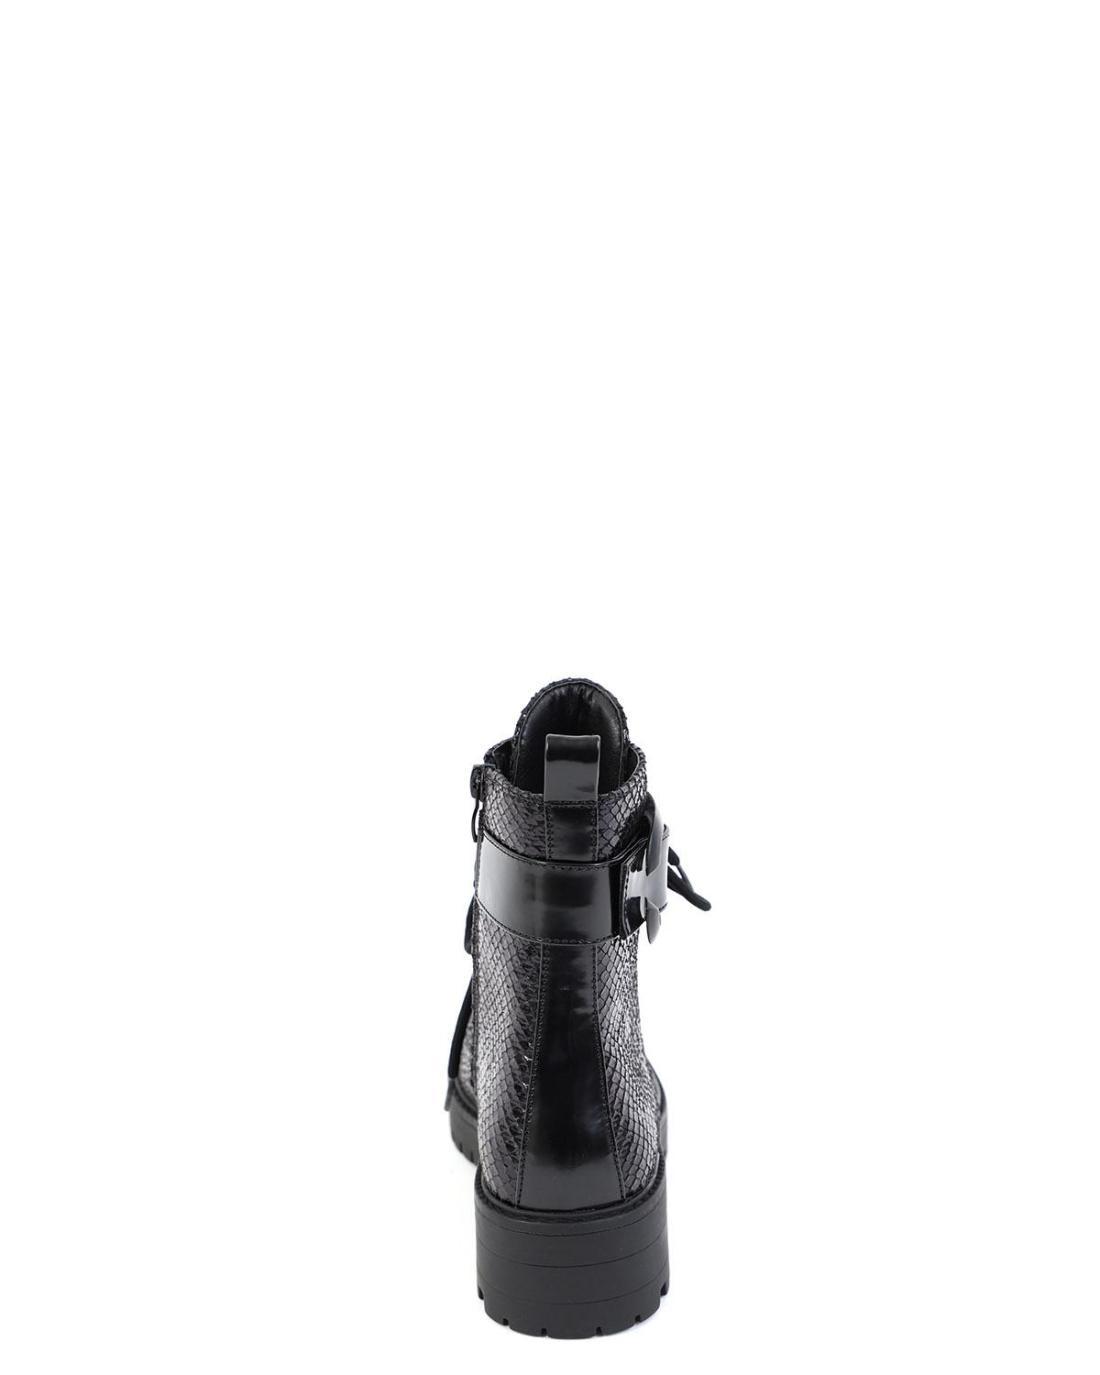 Αρβυλάκια μαύρα